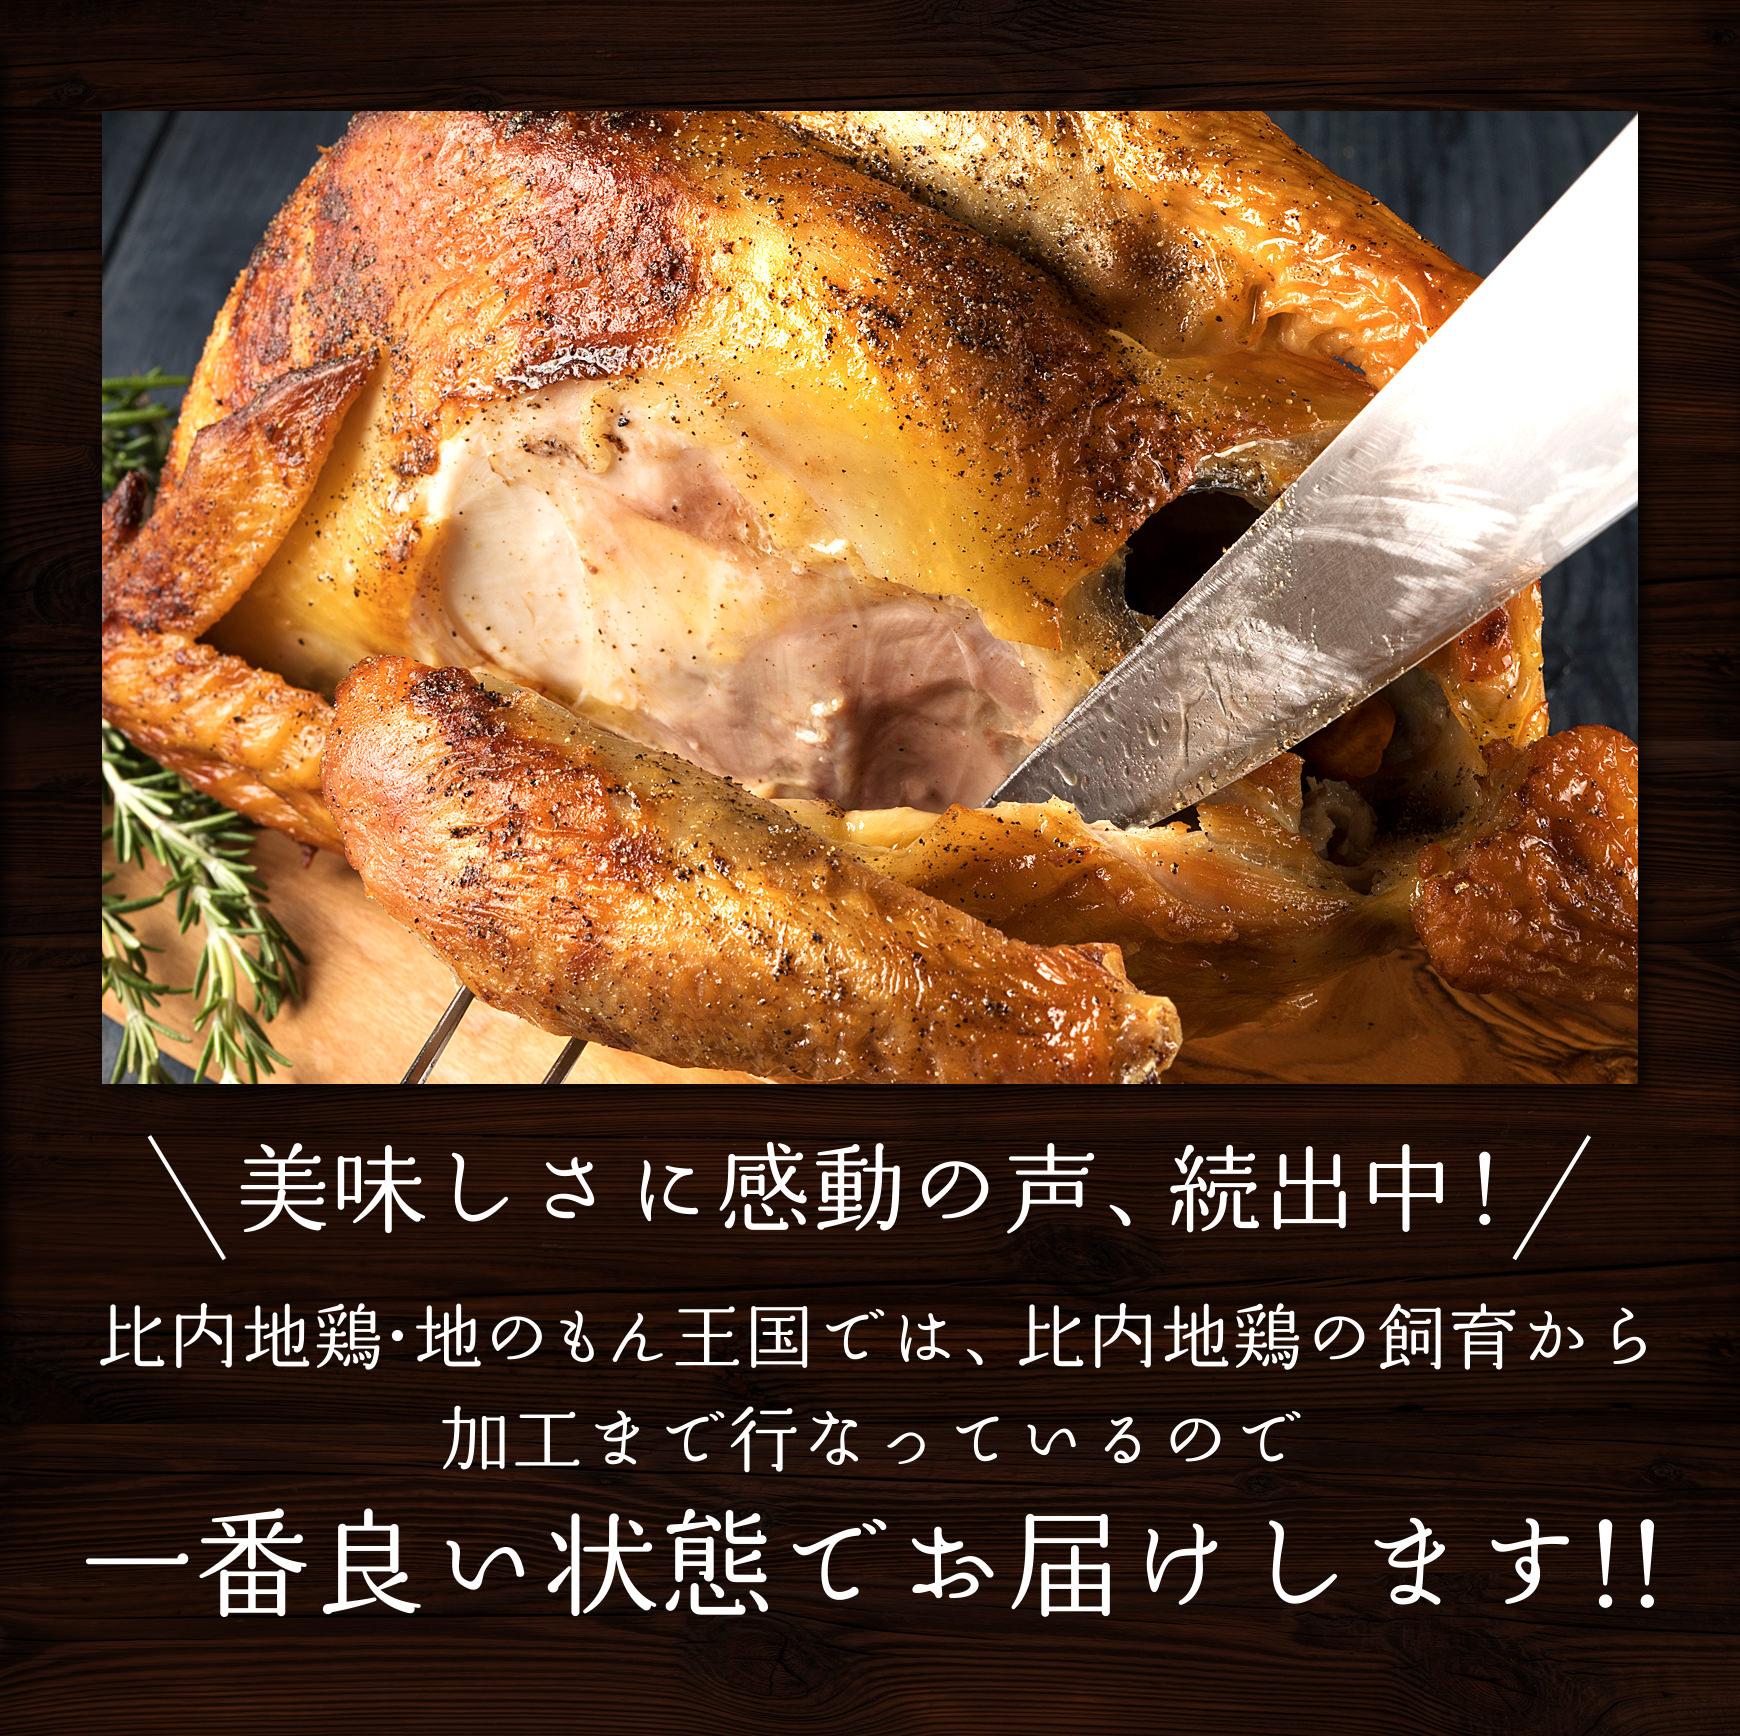 比内地鶏・地のもん王国では、比内地鶏の飼育から加工まで行っているので、一番いい状態でお届けします